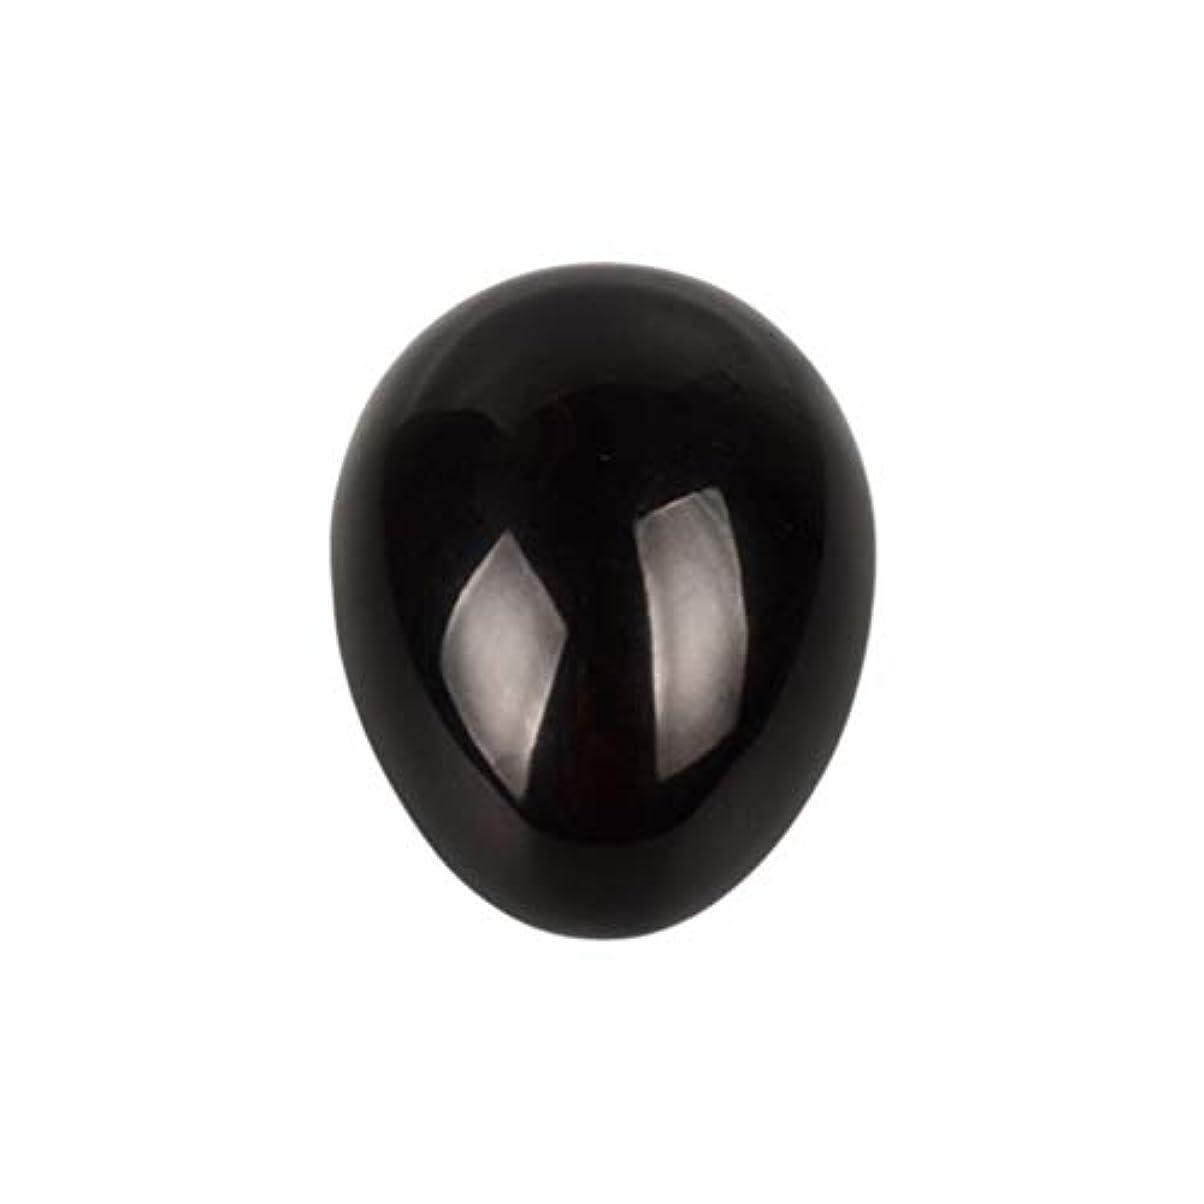 推進力ヒント聴くSUPVOX 45×30×30ミリメートルのバランスをとる瞑想チャクラを癒すための黒曜石宝石用原石の卵球